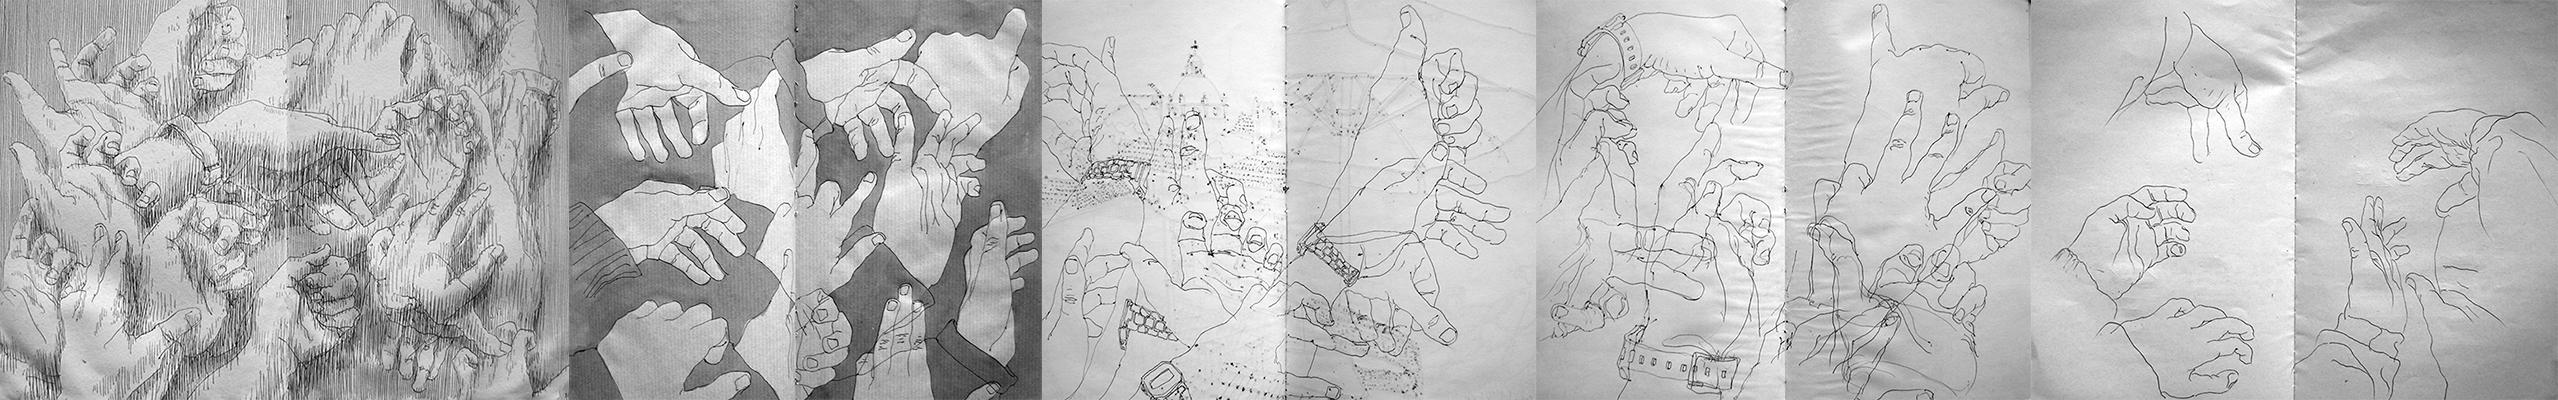 doodles_hands_drawing_grande_005